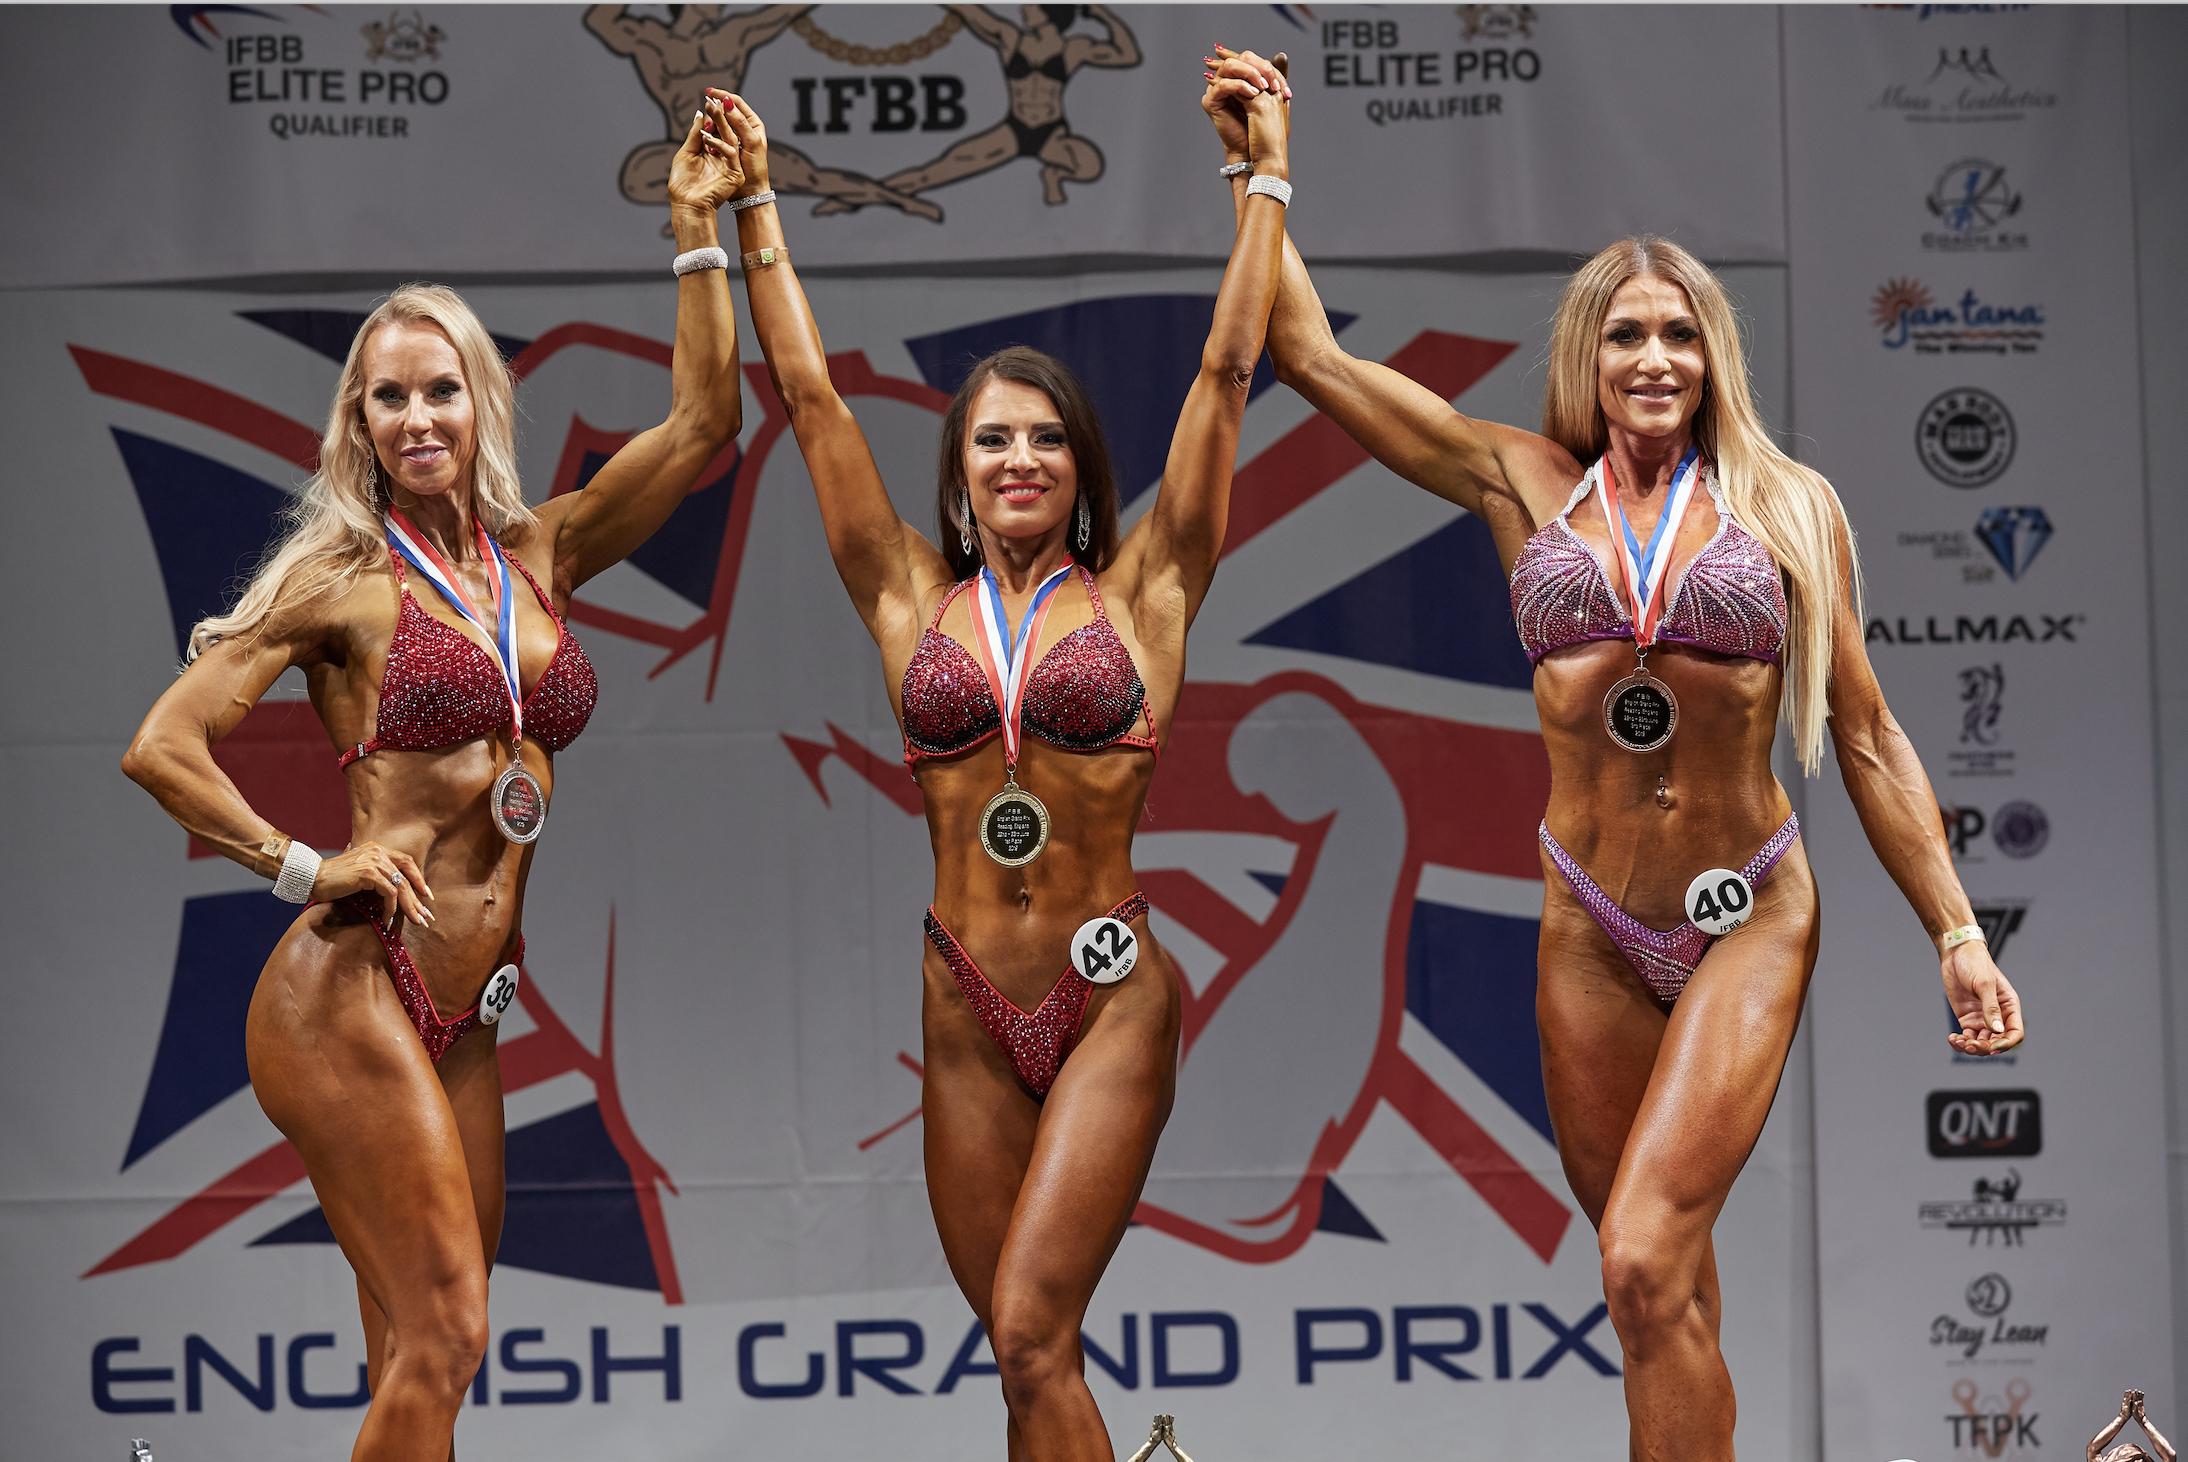 Masters bikini fitness over 163 cm: 1 Katerina Jakubcova (centre) 2 Becky Goodall (left) 3 Yvette Geary.